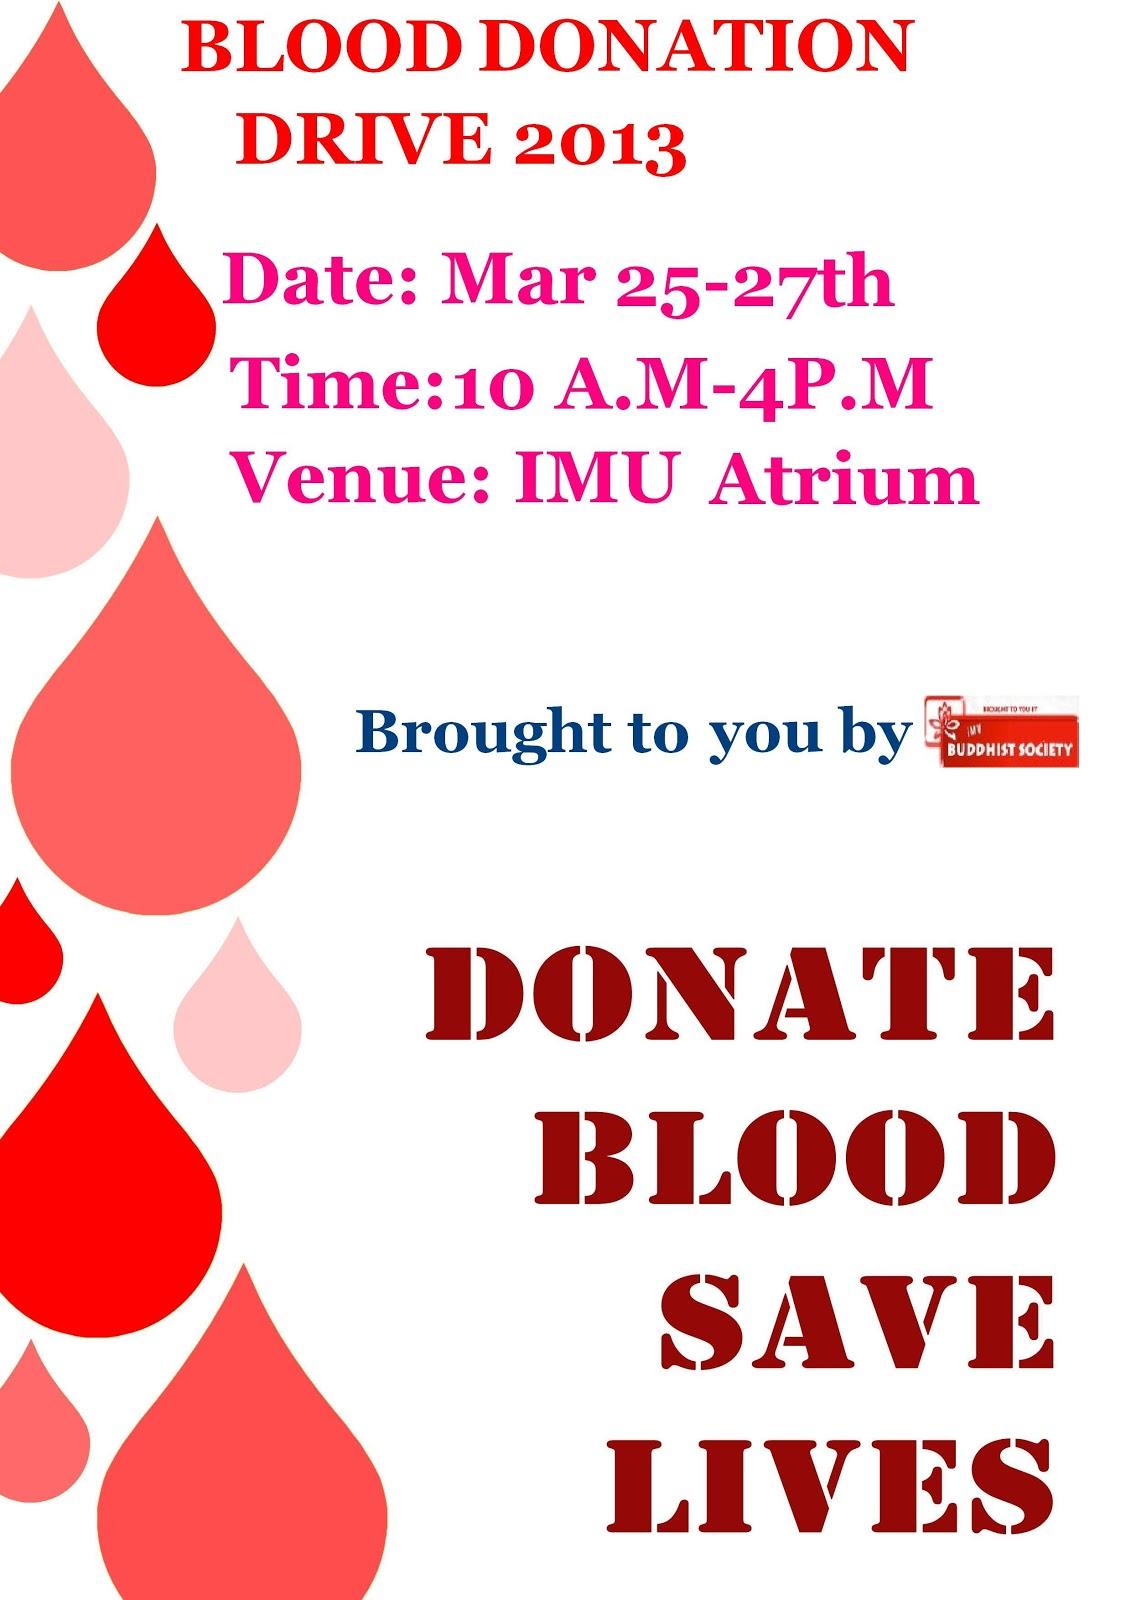 Christmas Blood Donation Drive.Imu Buddhist Society Blood Donation Drive 2013